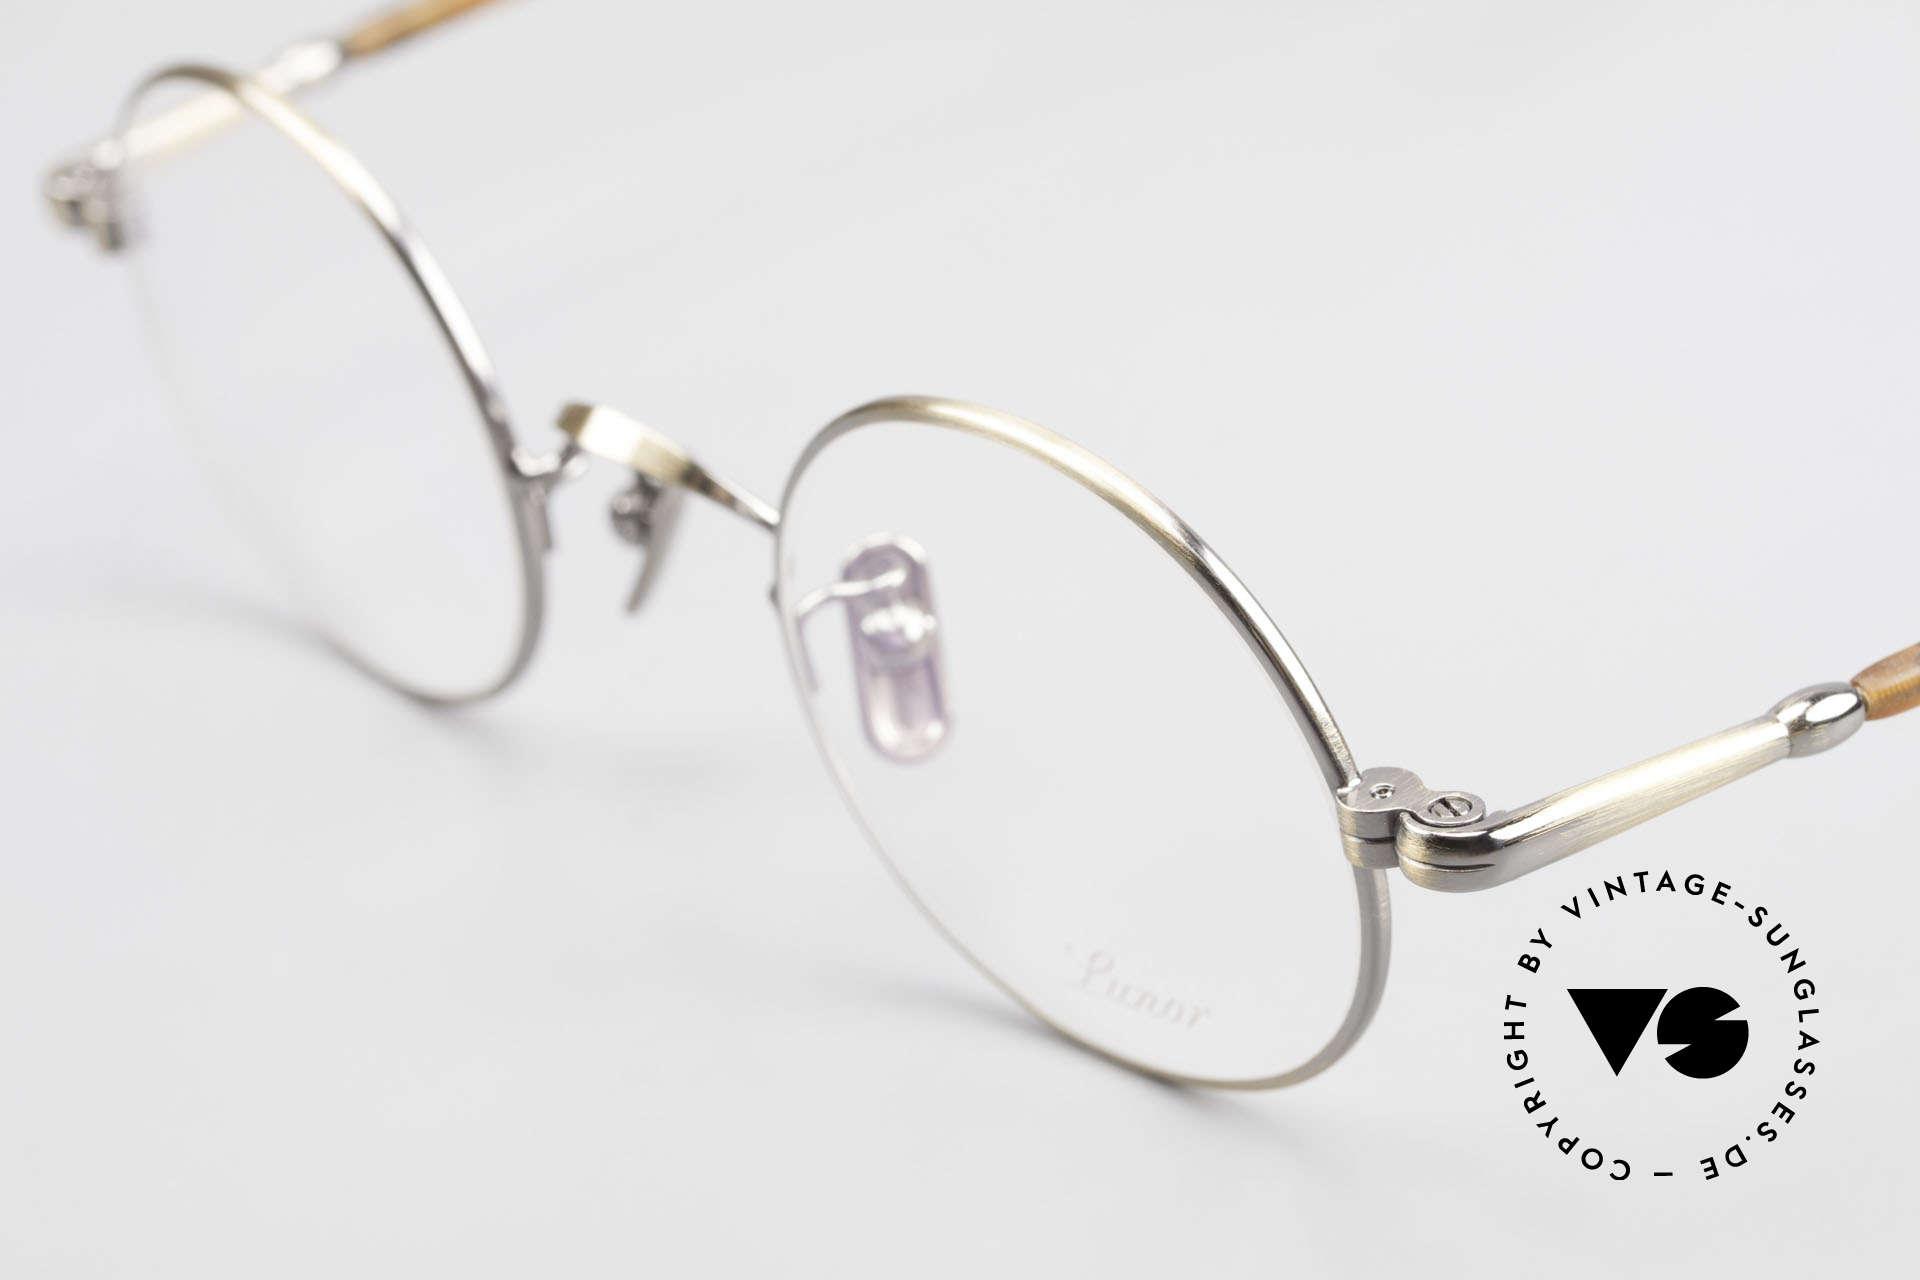 Lunor VA 110 Round Lunor Glasses Original, model VA 110 = acetate-metal temples & titanium pads, Made for Men and Women